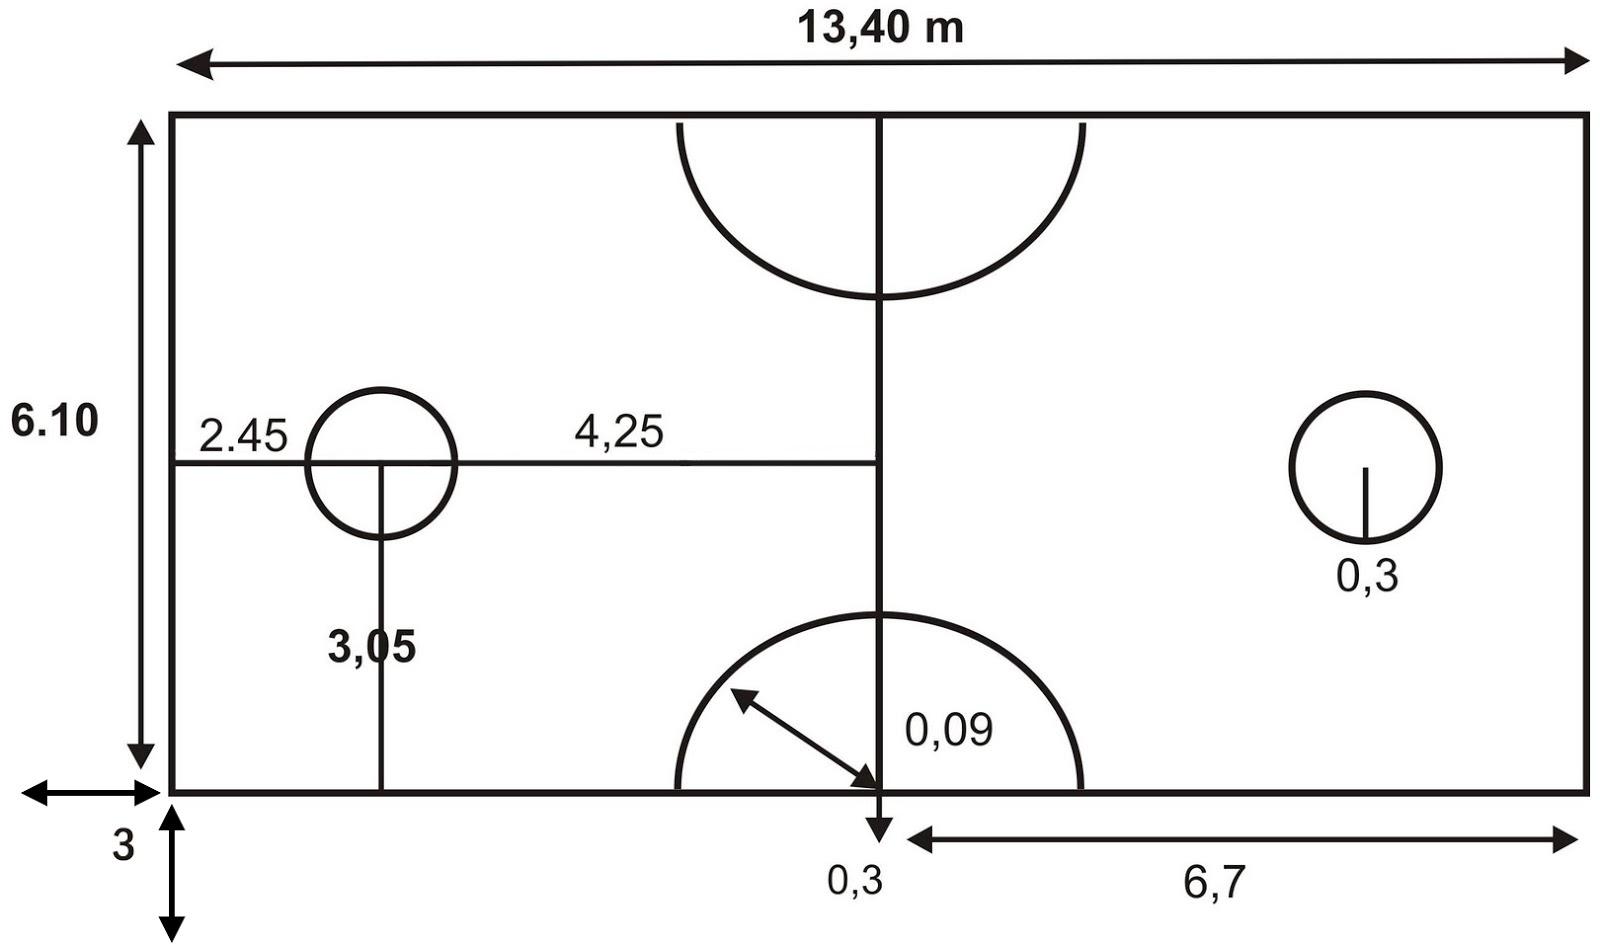 Ukuran Lapangan Sepak Takraw Lengkap Gambar Dan